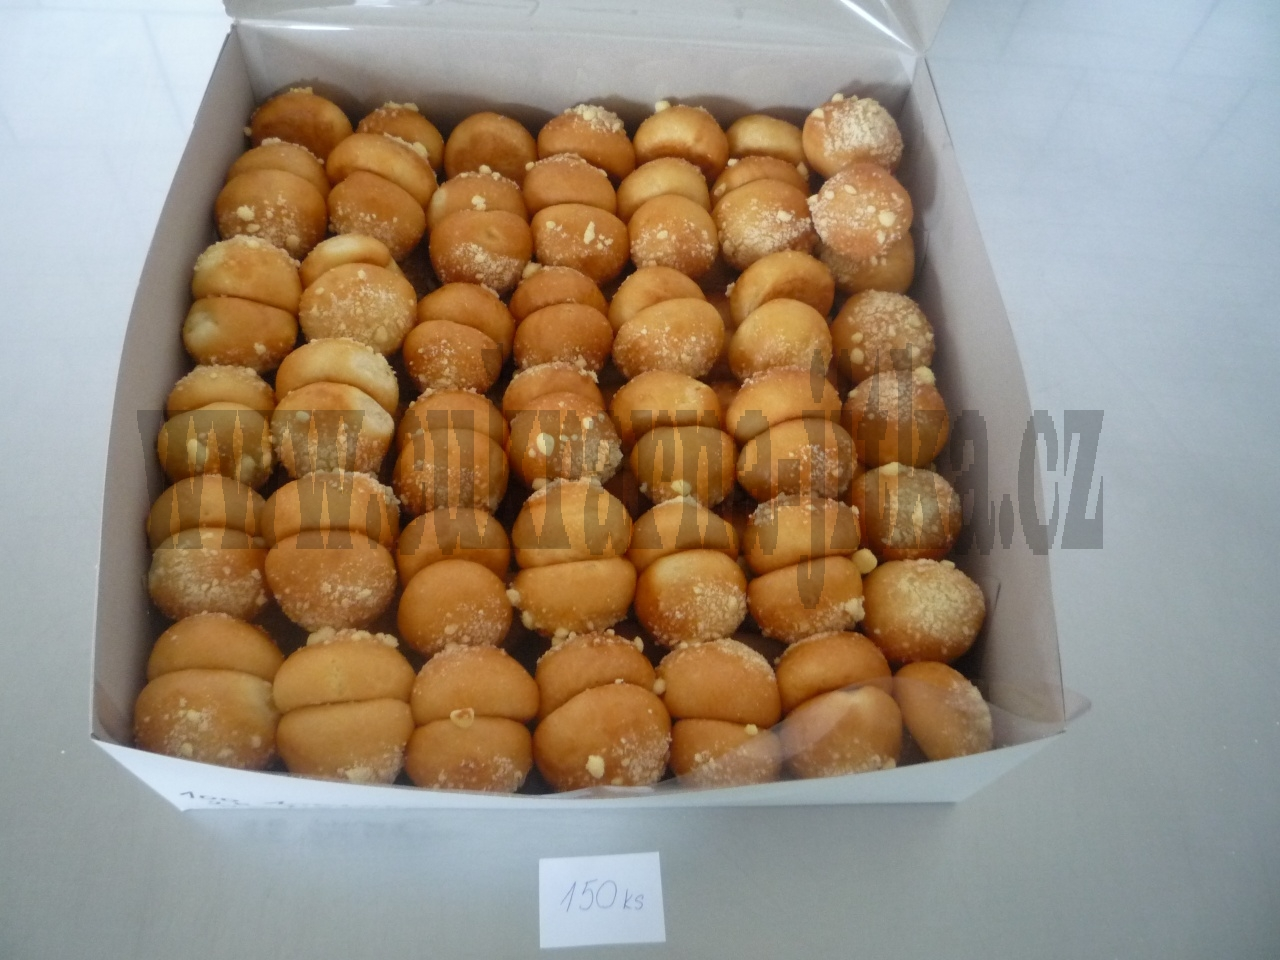 koláčky svatební  malé v dortové krabici   150 ks